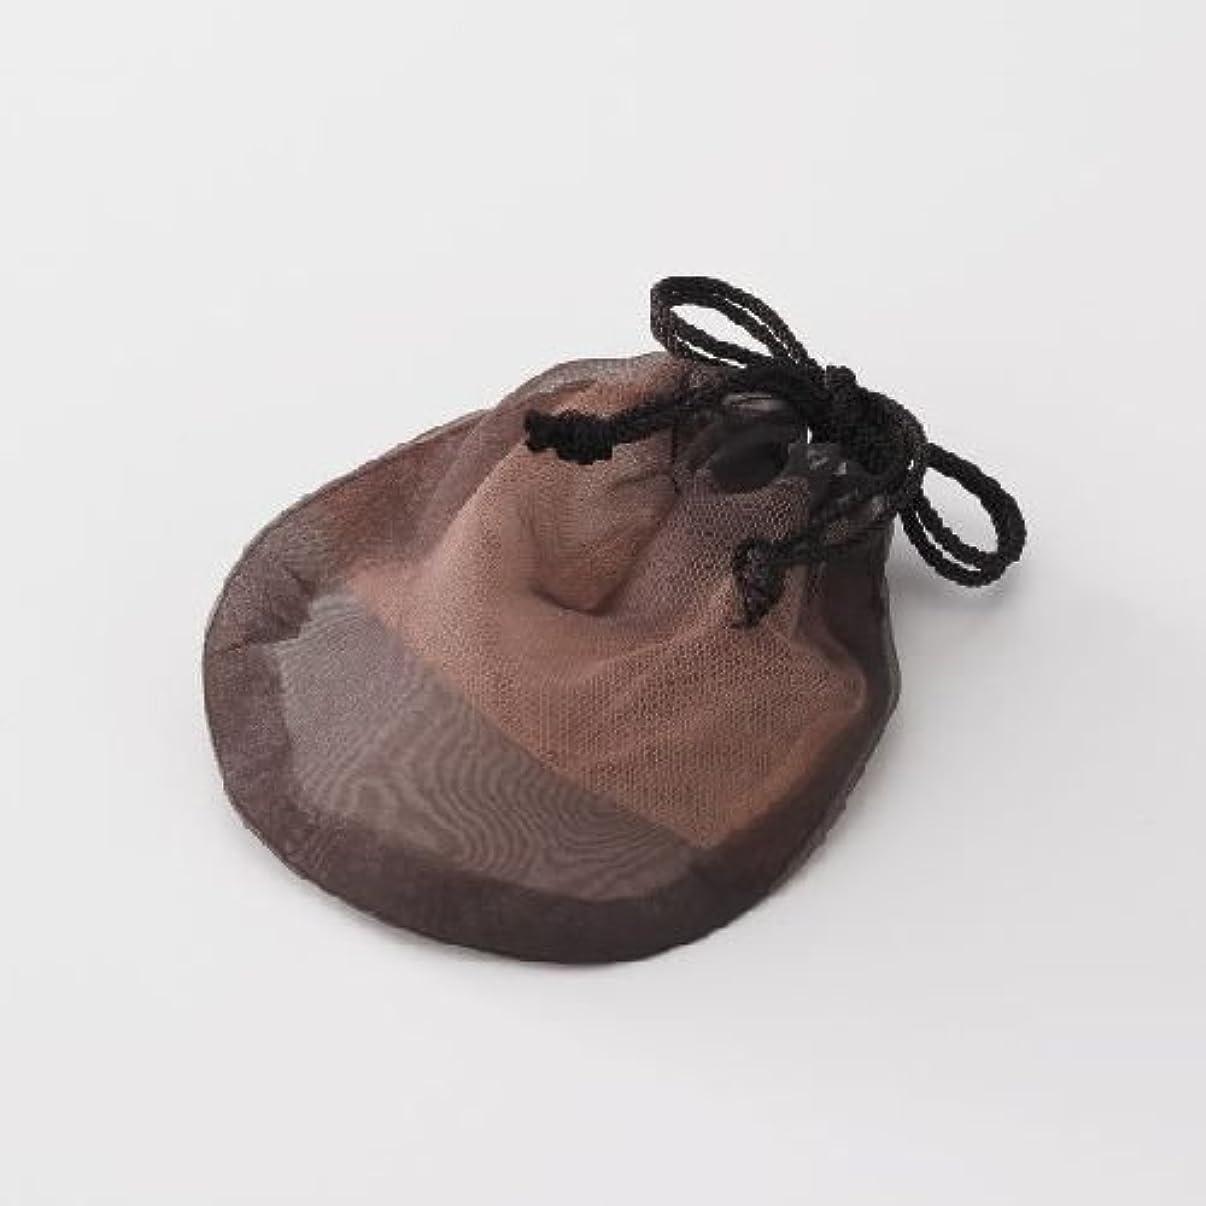 玉つぶすコンパスピギーバックス ソープネット 瞬時にマシュマロのようなお肌に負担をかけないキメ細かな泡をつくることができるオシャレなポーチ型オリジナル【泡だてネット】!衛生的に固形石鹸の保存もできます。